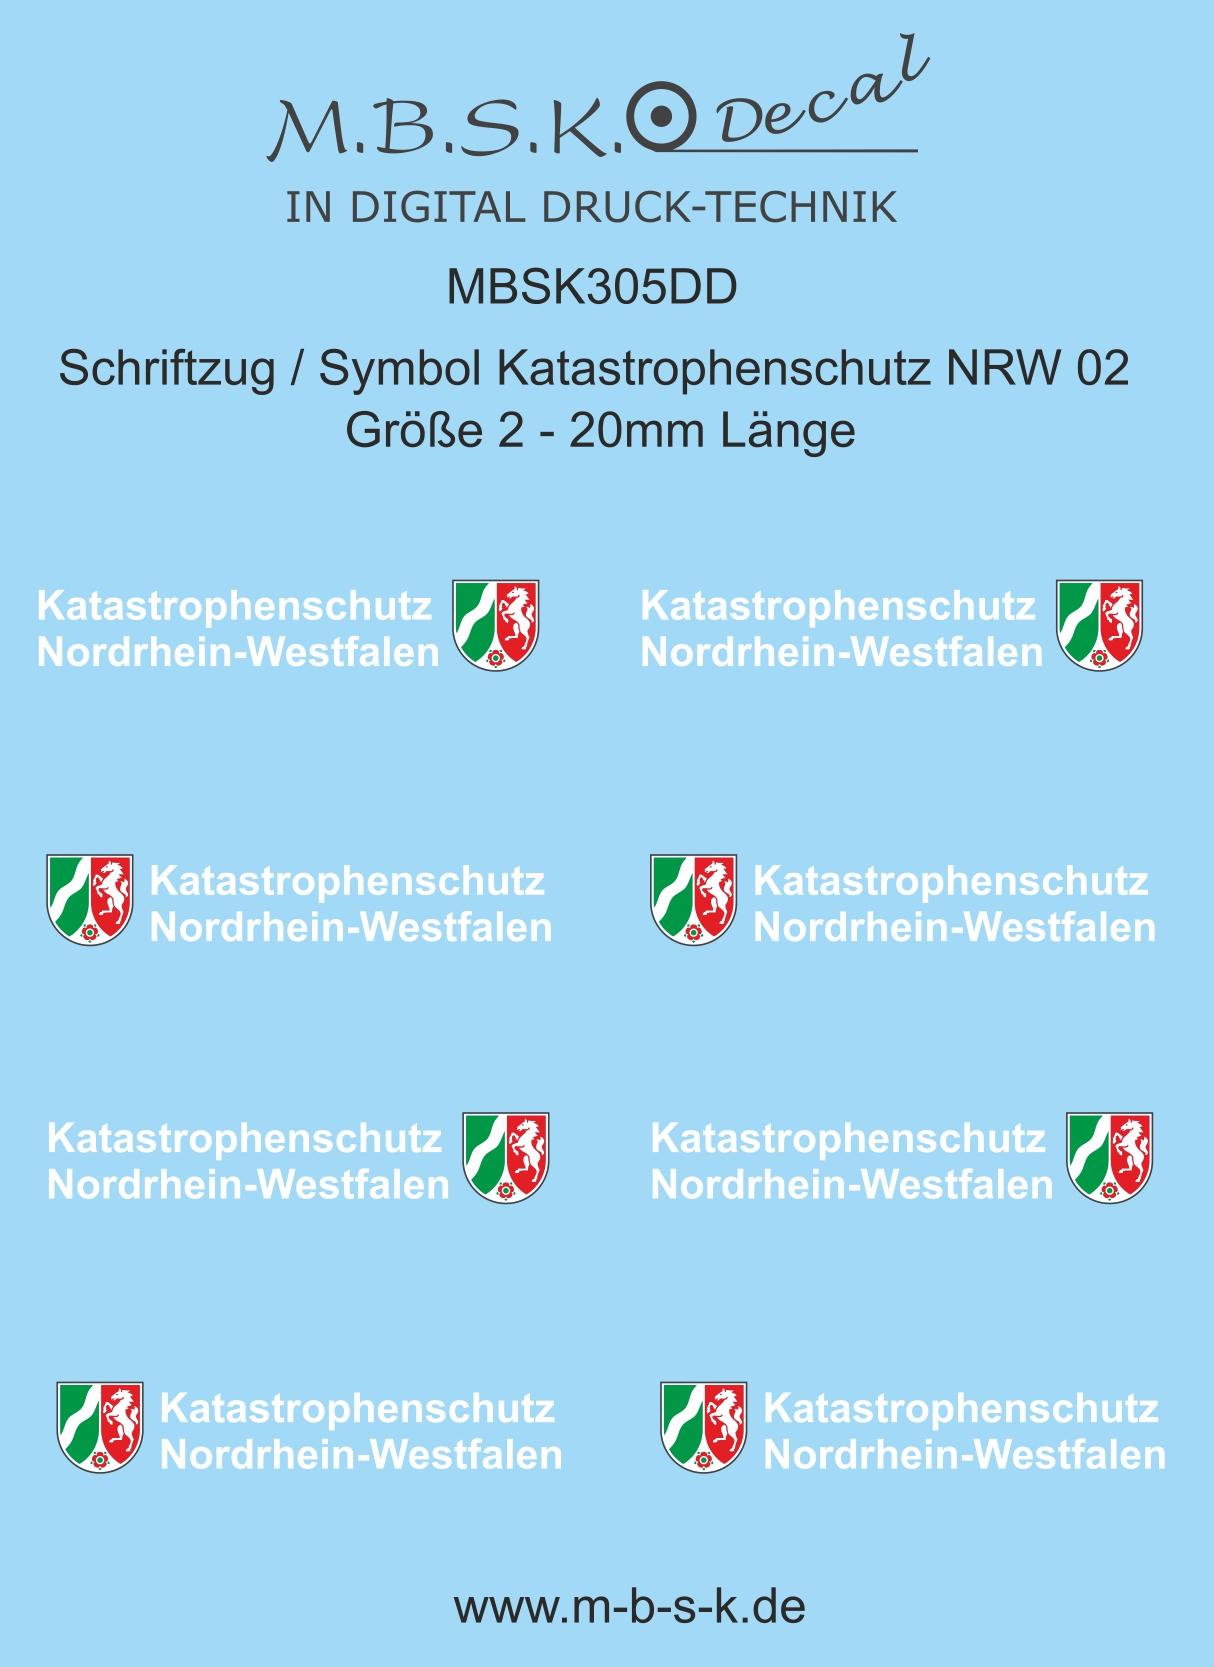 Schriftzug Symbol Katastrophenschutz NRW 211  Schrift weiß  Größe 21, 211,21mm  Länge Premium Digitaldruck Decal MBSK3021DD